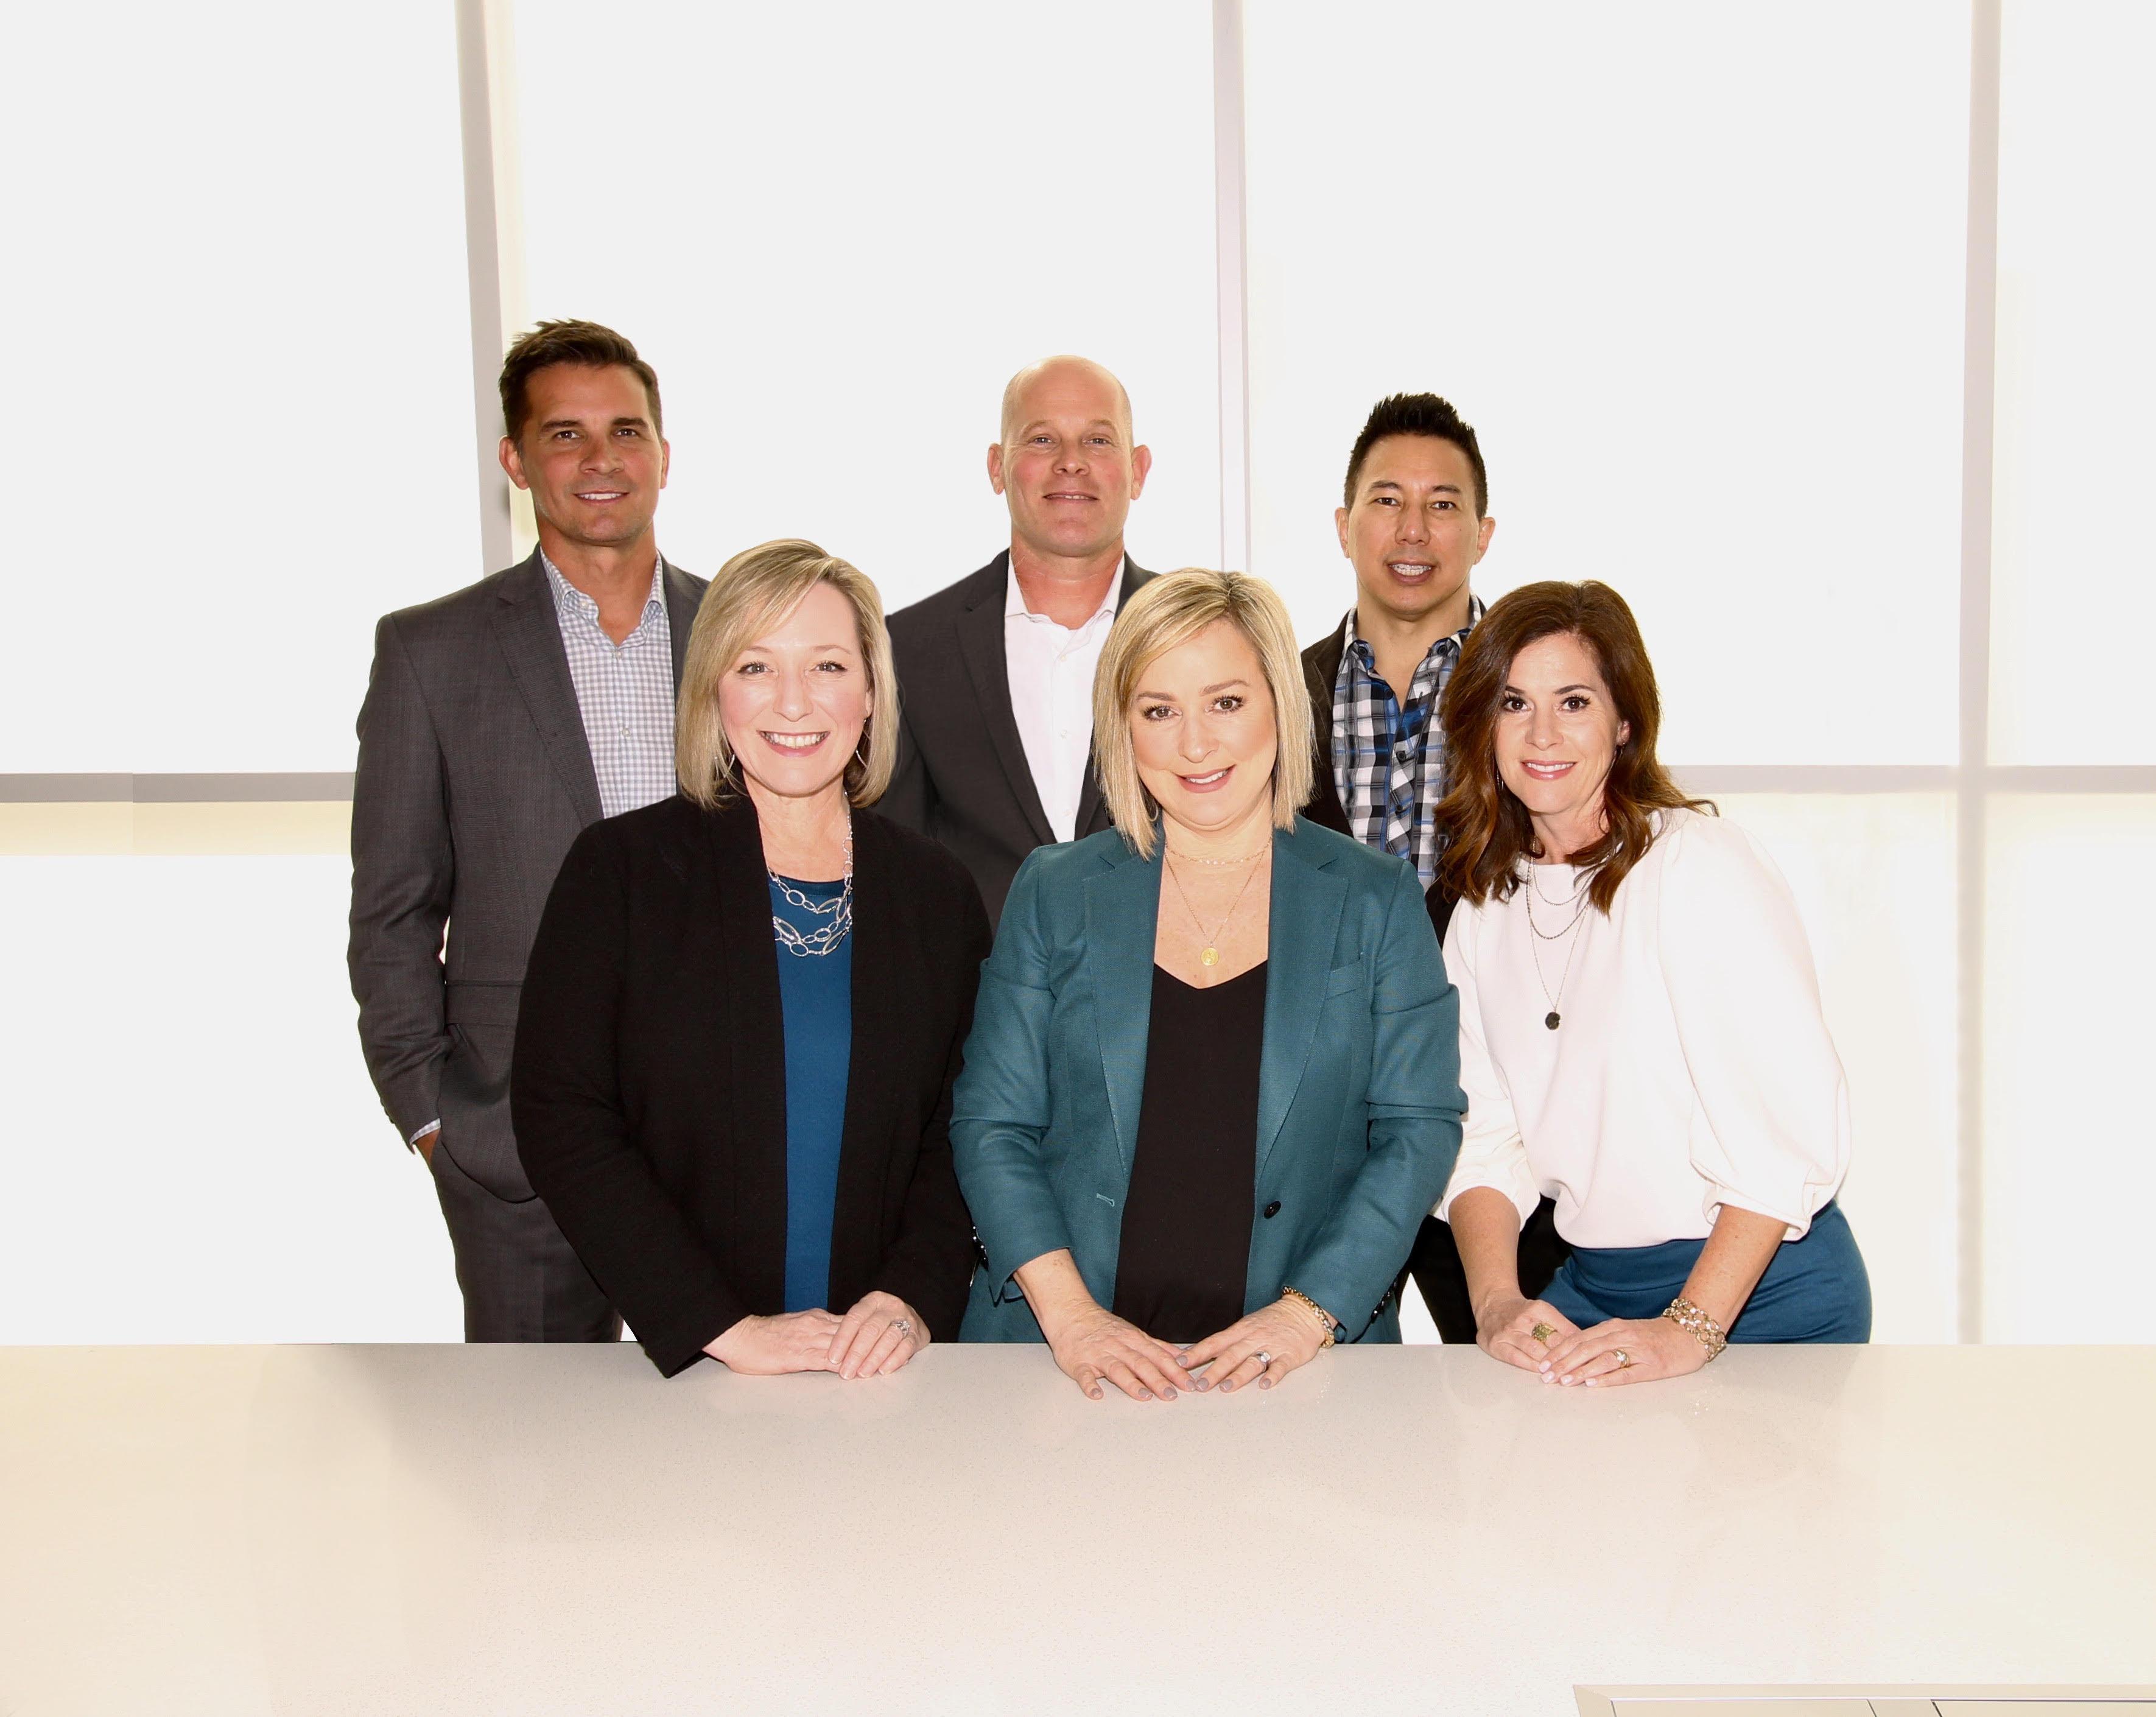 Sakala Group Team Photo